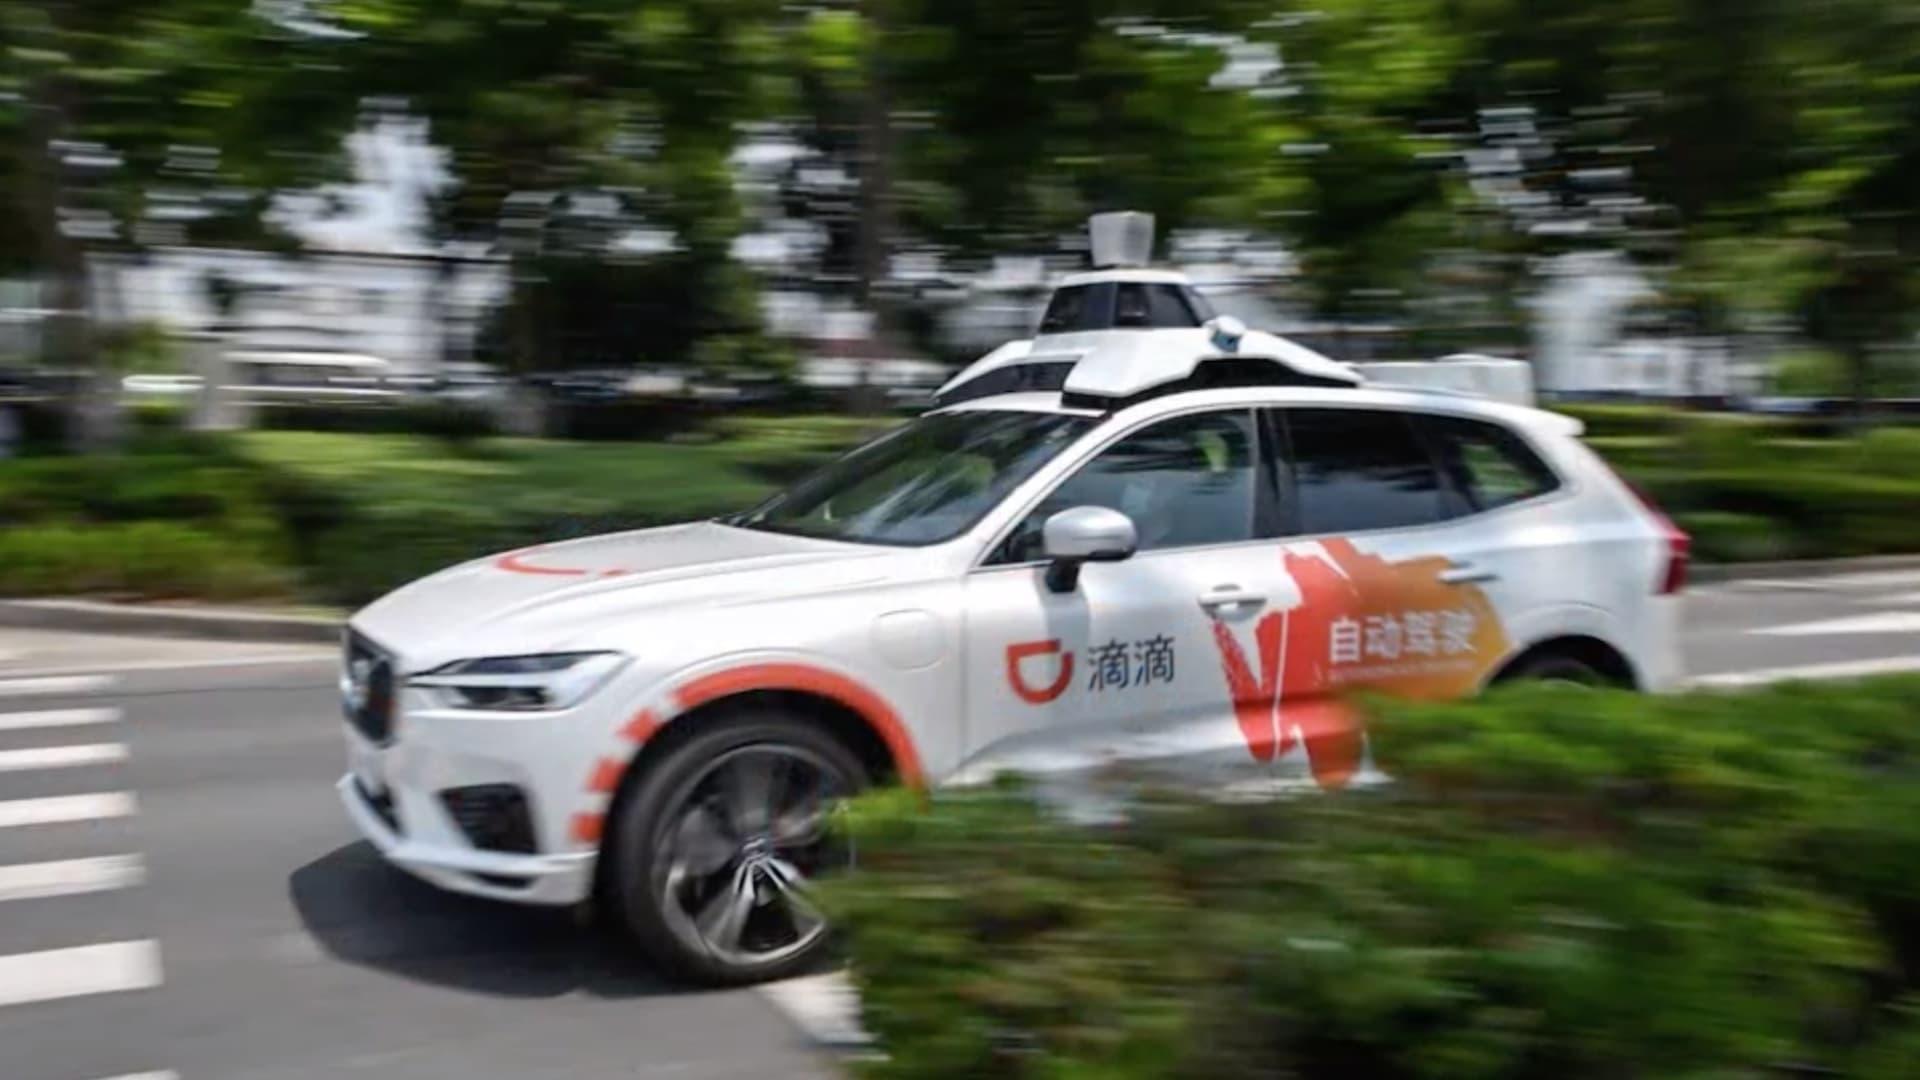 """بسبب مخاوف أمنية.. الصين تحظر خدمة """"ديدي"""" من متاجر التطبيقات"""